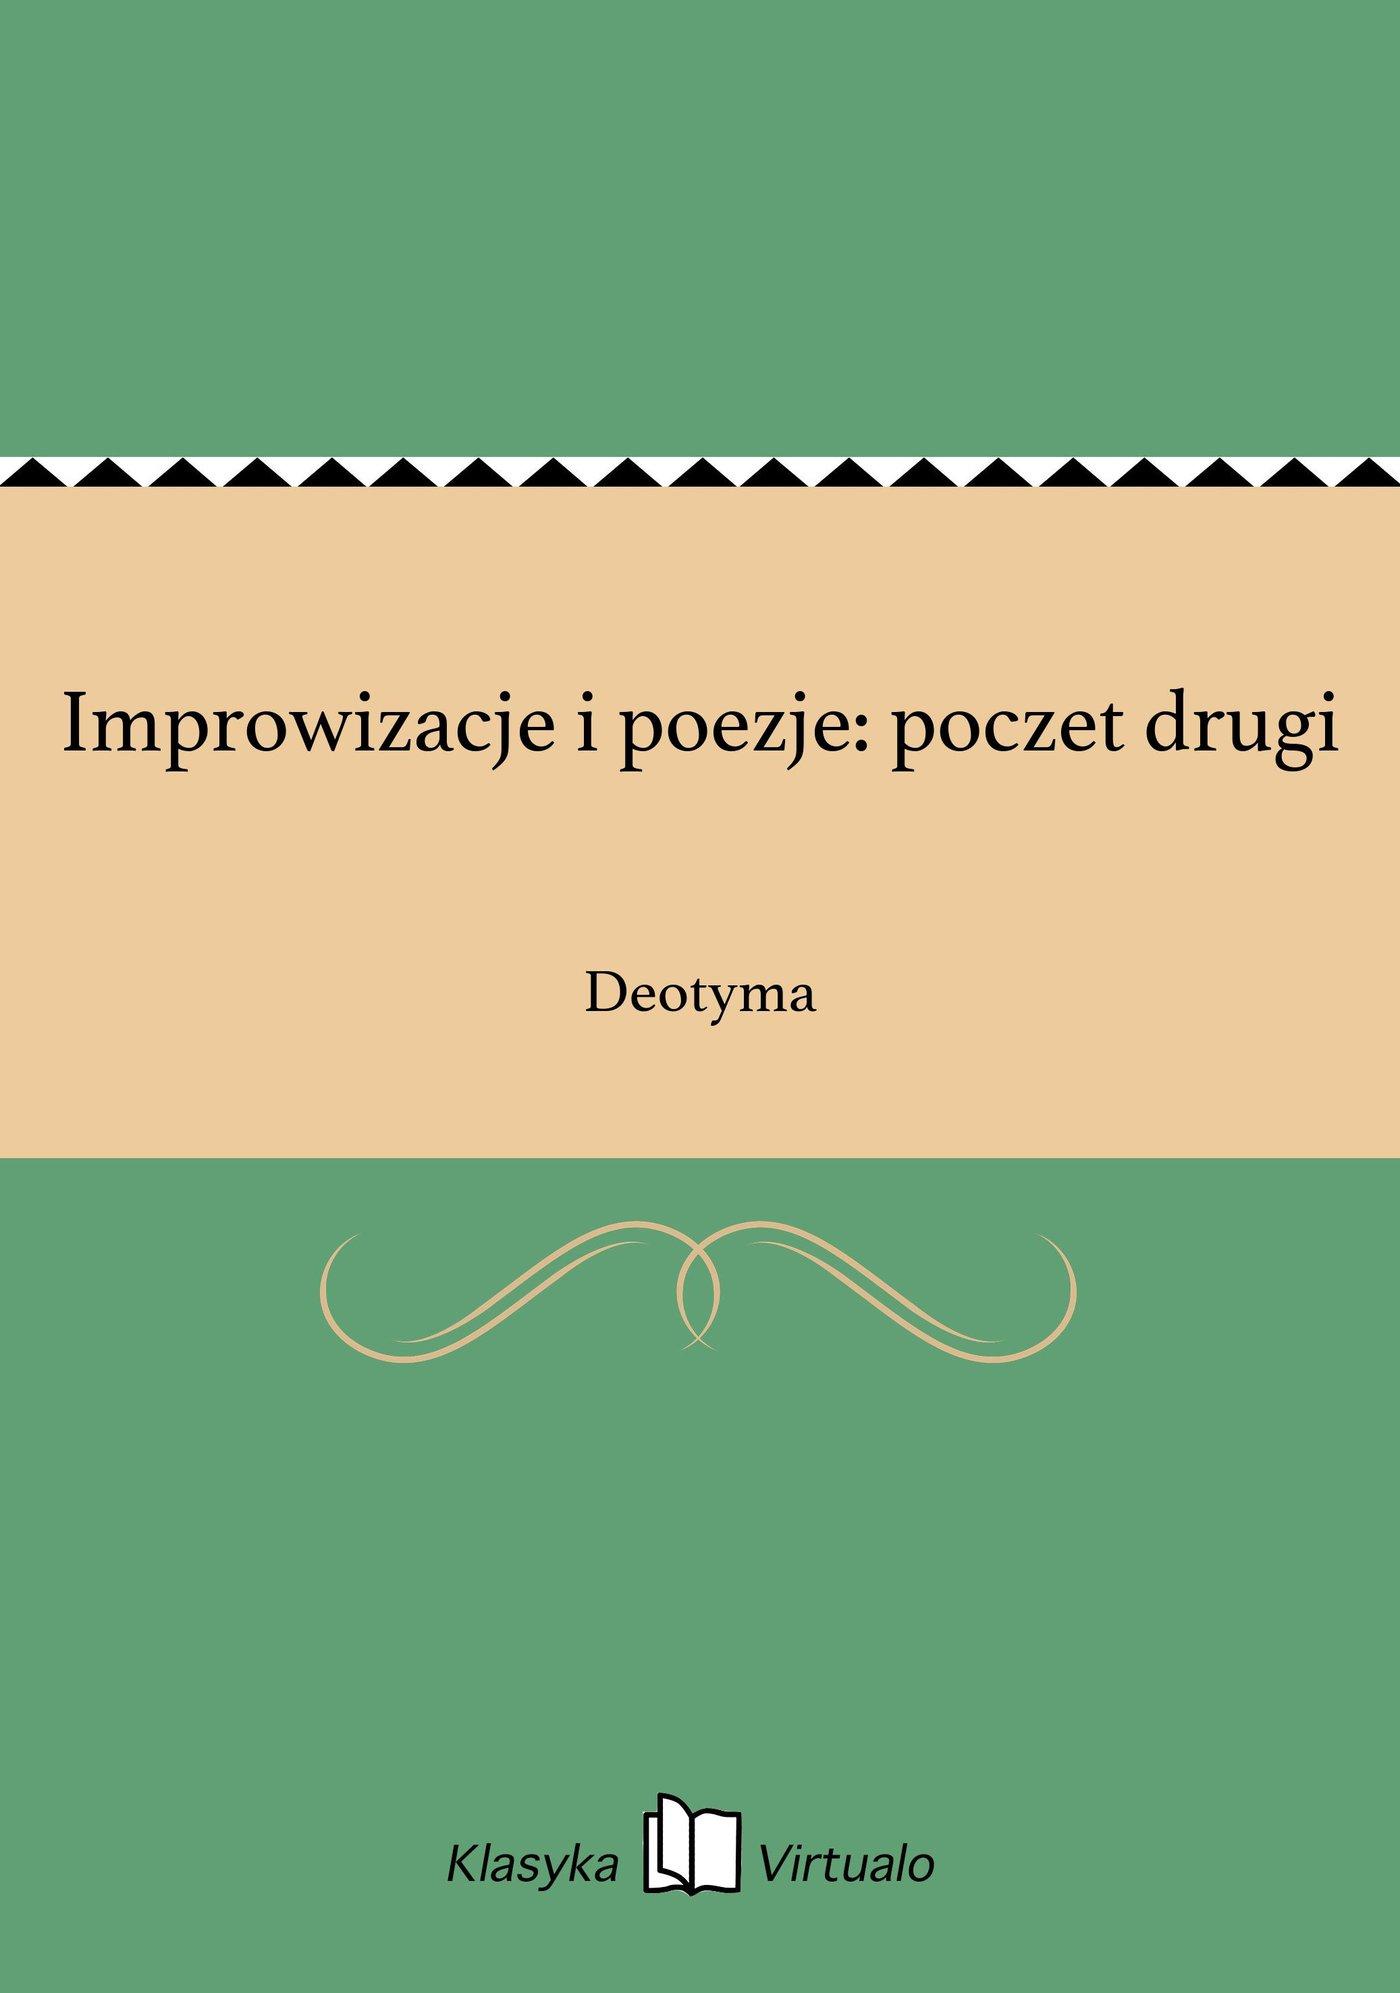 Improwizacje i poezje: poczet drugi - Ebook (Książka na Kindle) do pobrania w formacie MOBI